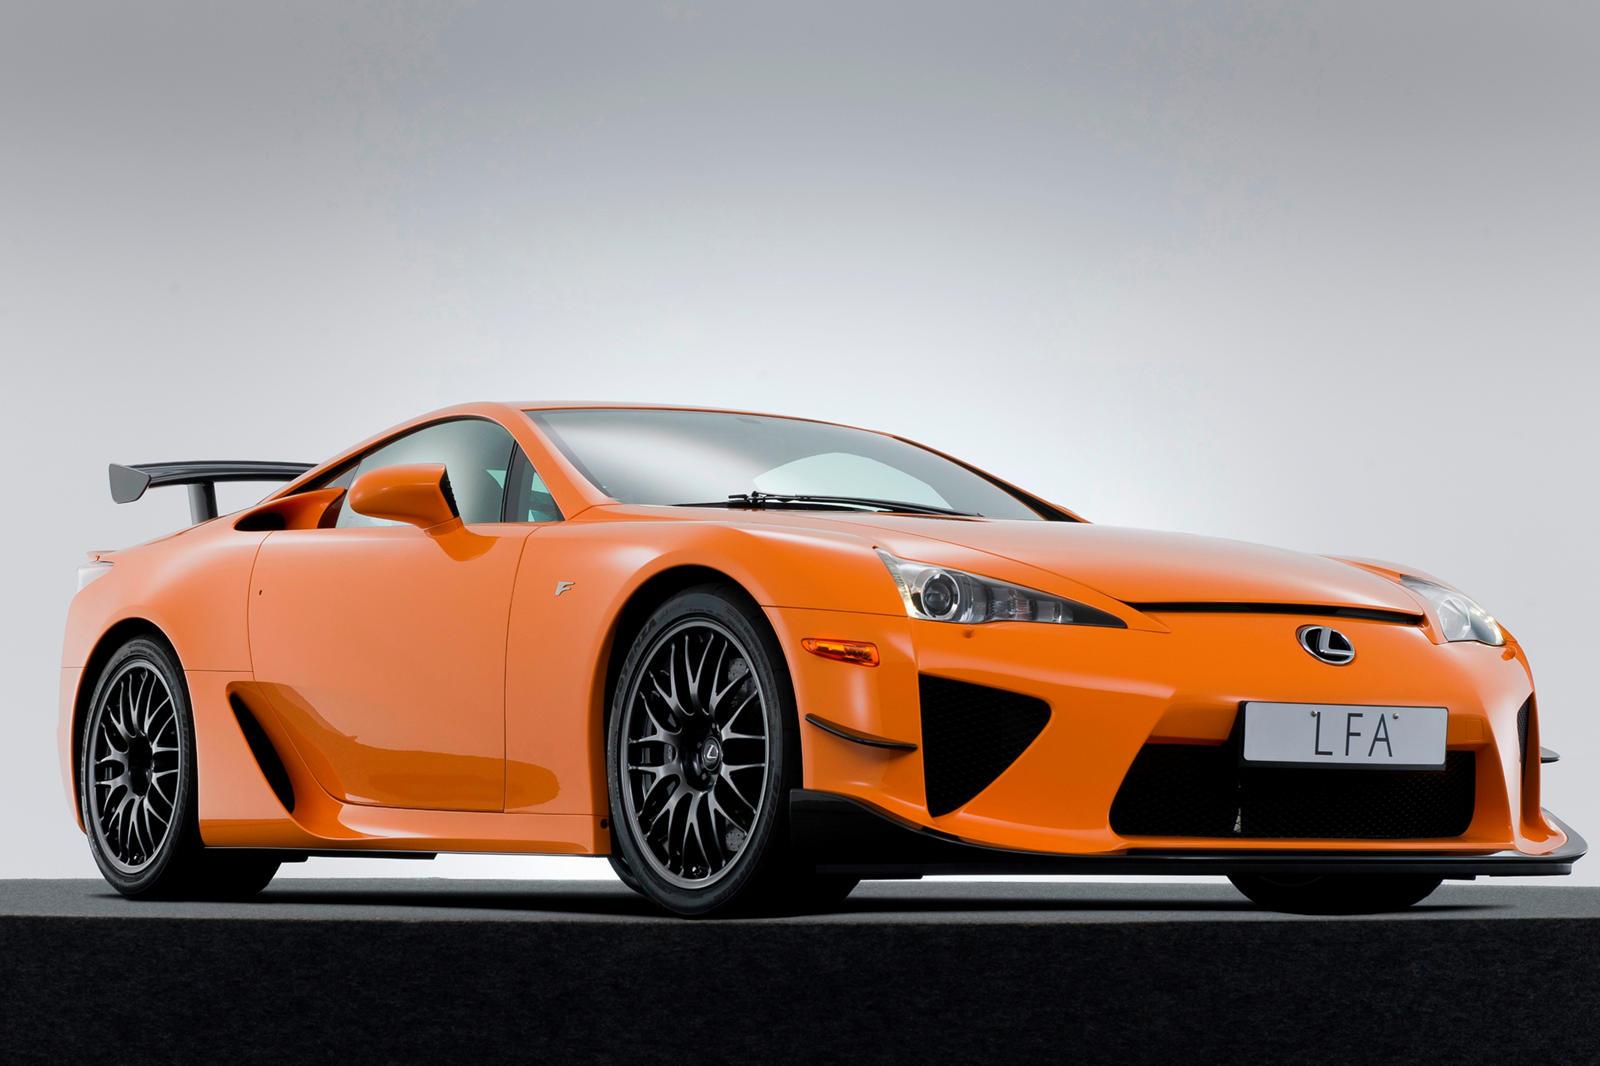 2012 lexus lfa  review  trims  specs  price  new interior features  exterior design  and